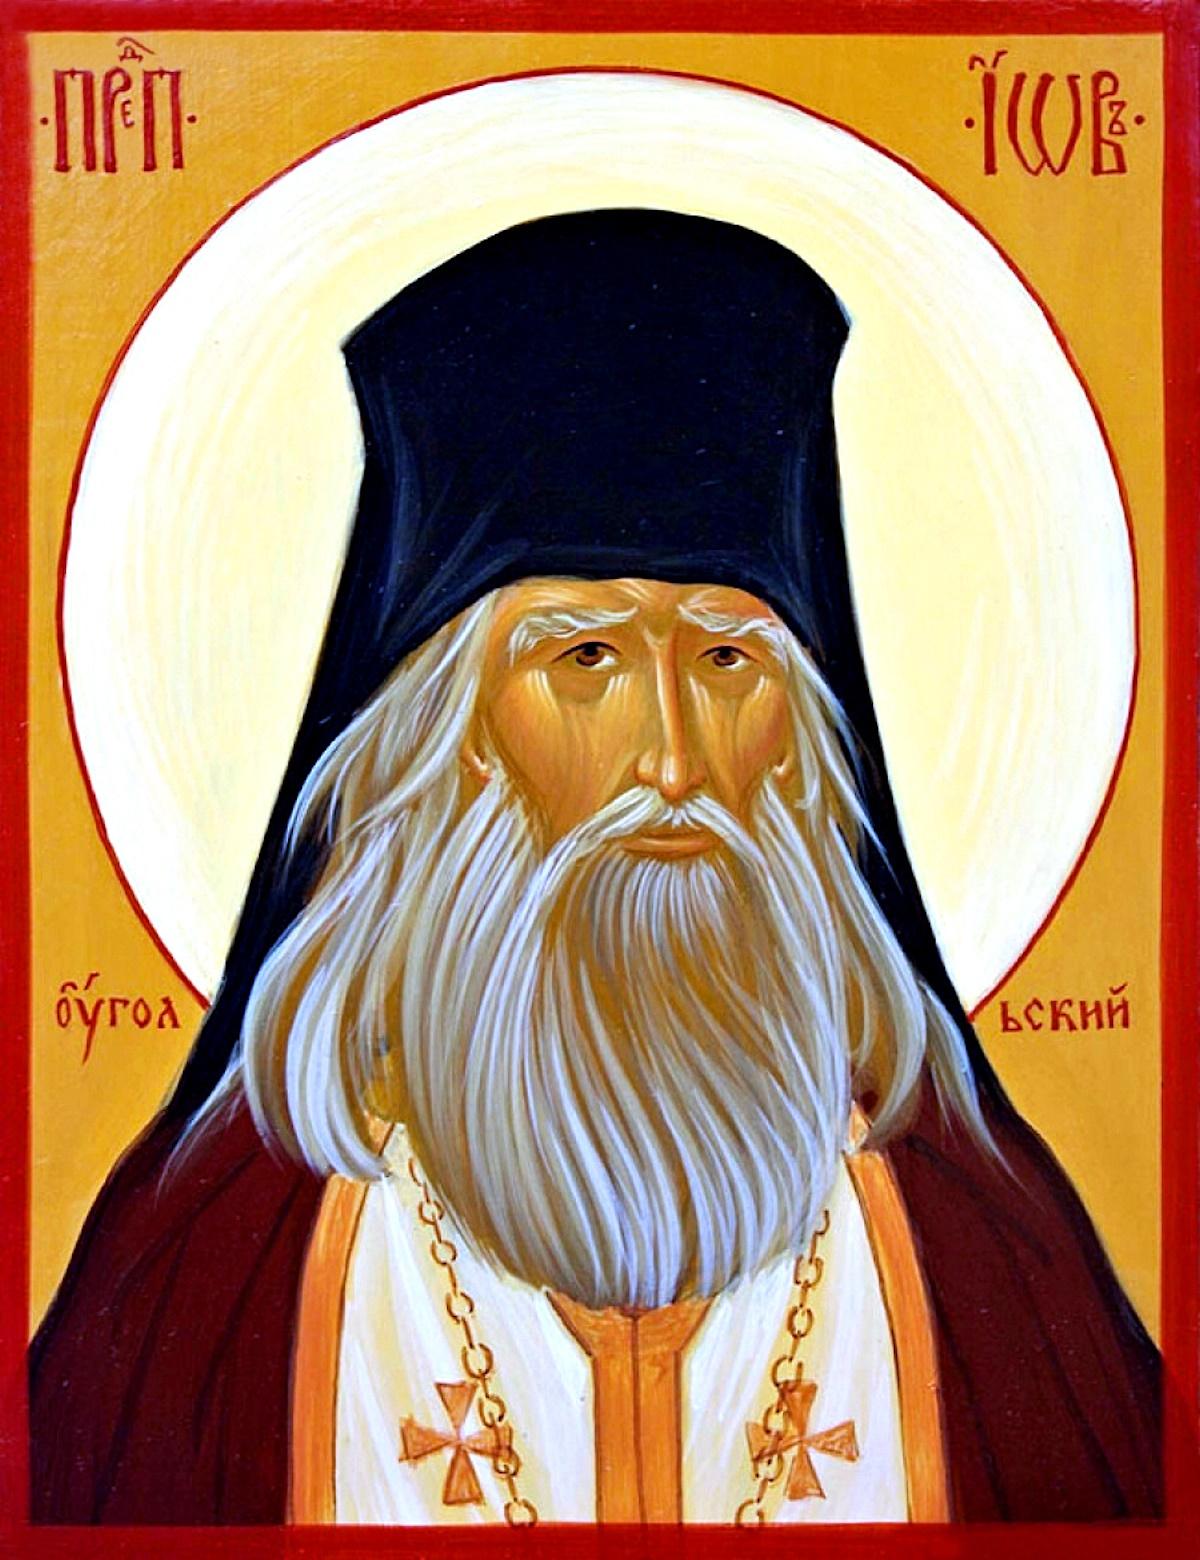 00 St Iov Ugolsky of Podkarpatskaya Rus. 27.08.14